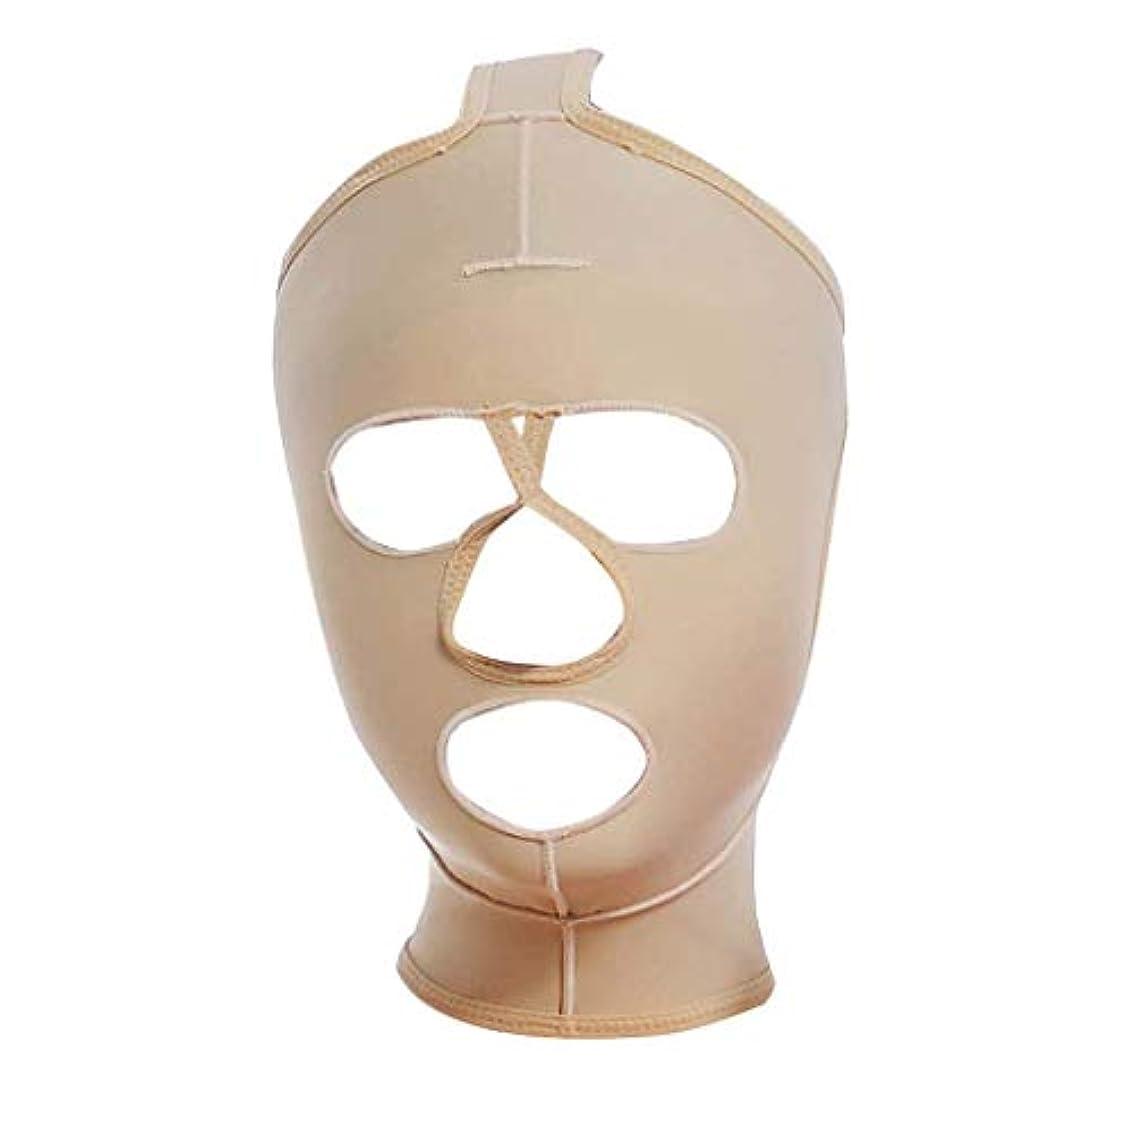 提案する合唱団プレミアフェイス&ネックリフト、減量フェイスマスク脂肪吸引術脂肪吸引術整形マスクフードフェイスリフティングアーティファクトVフェイスビームフェイス弾性スリーブ(サイズ:XXL),XS